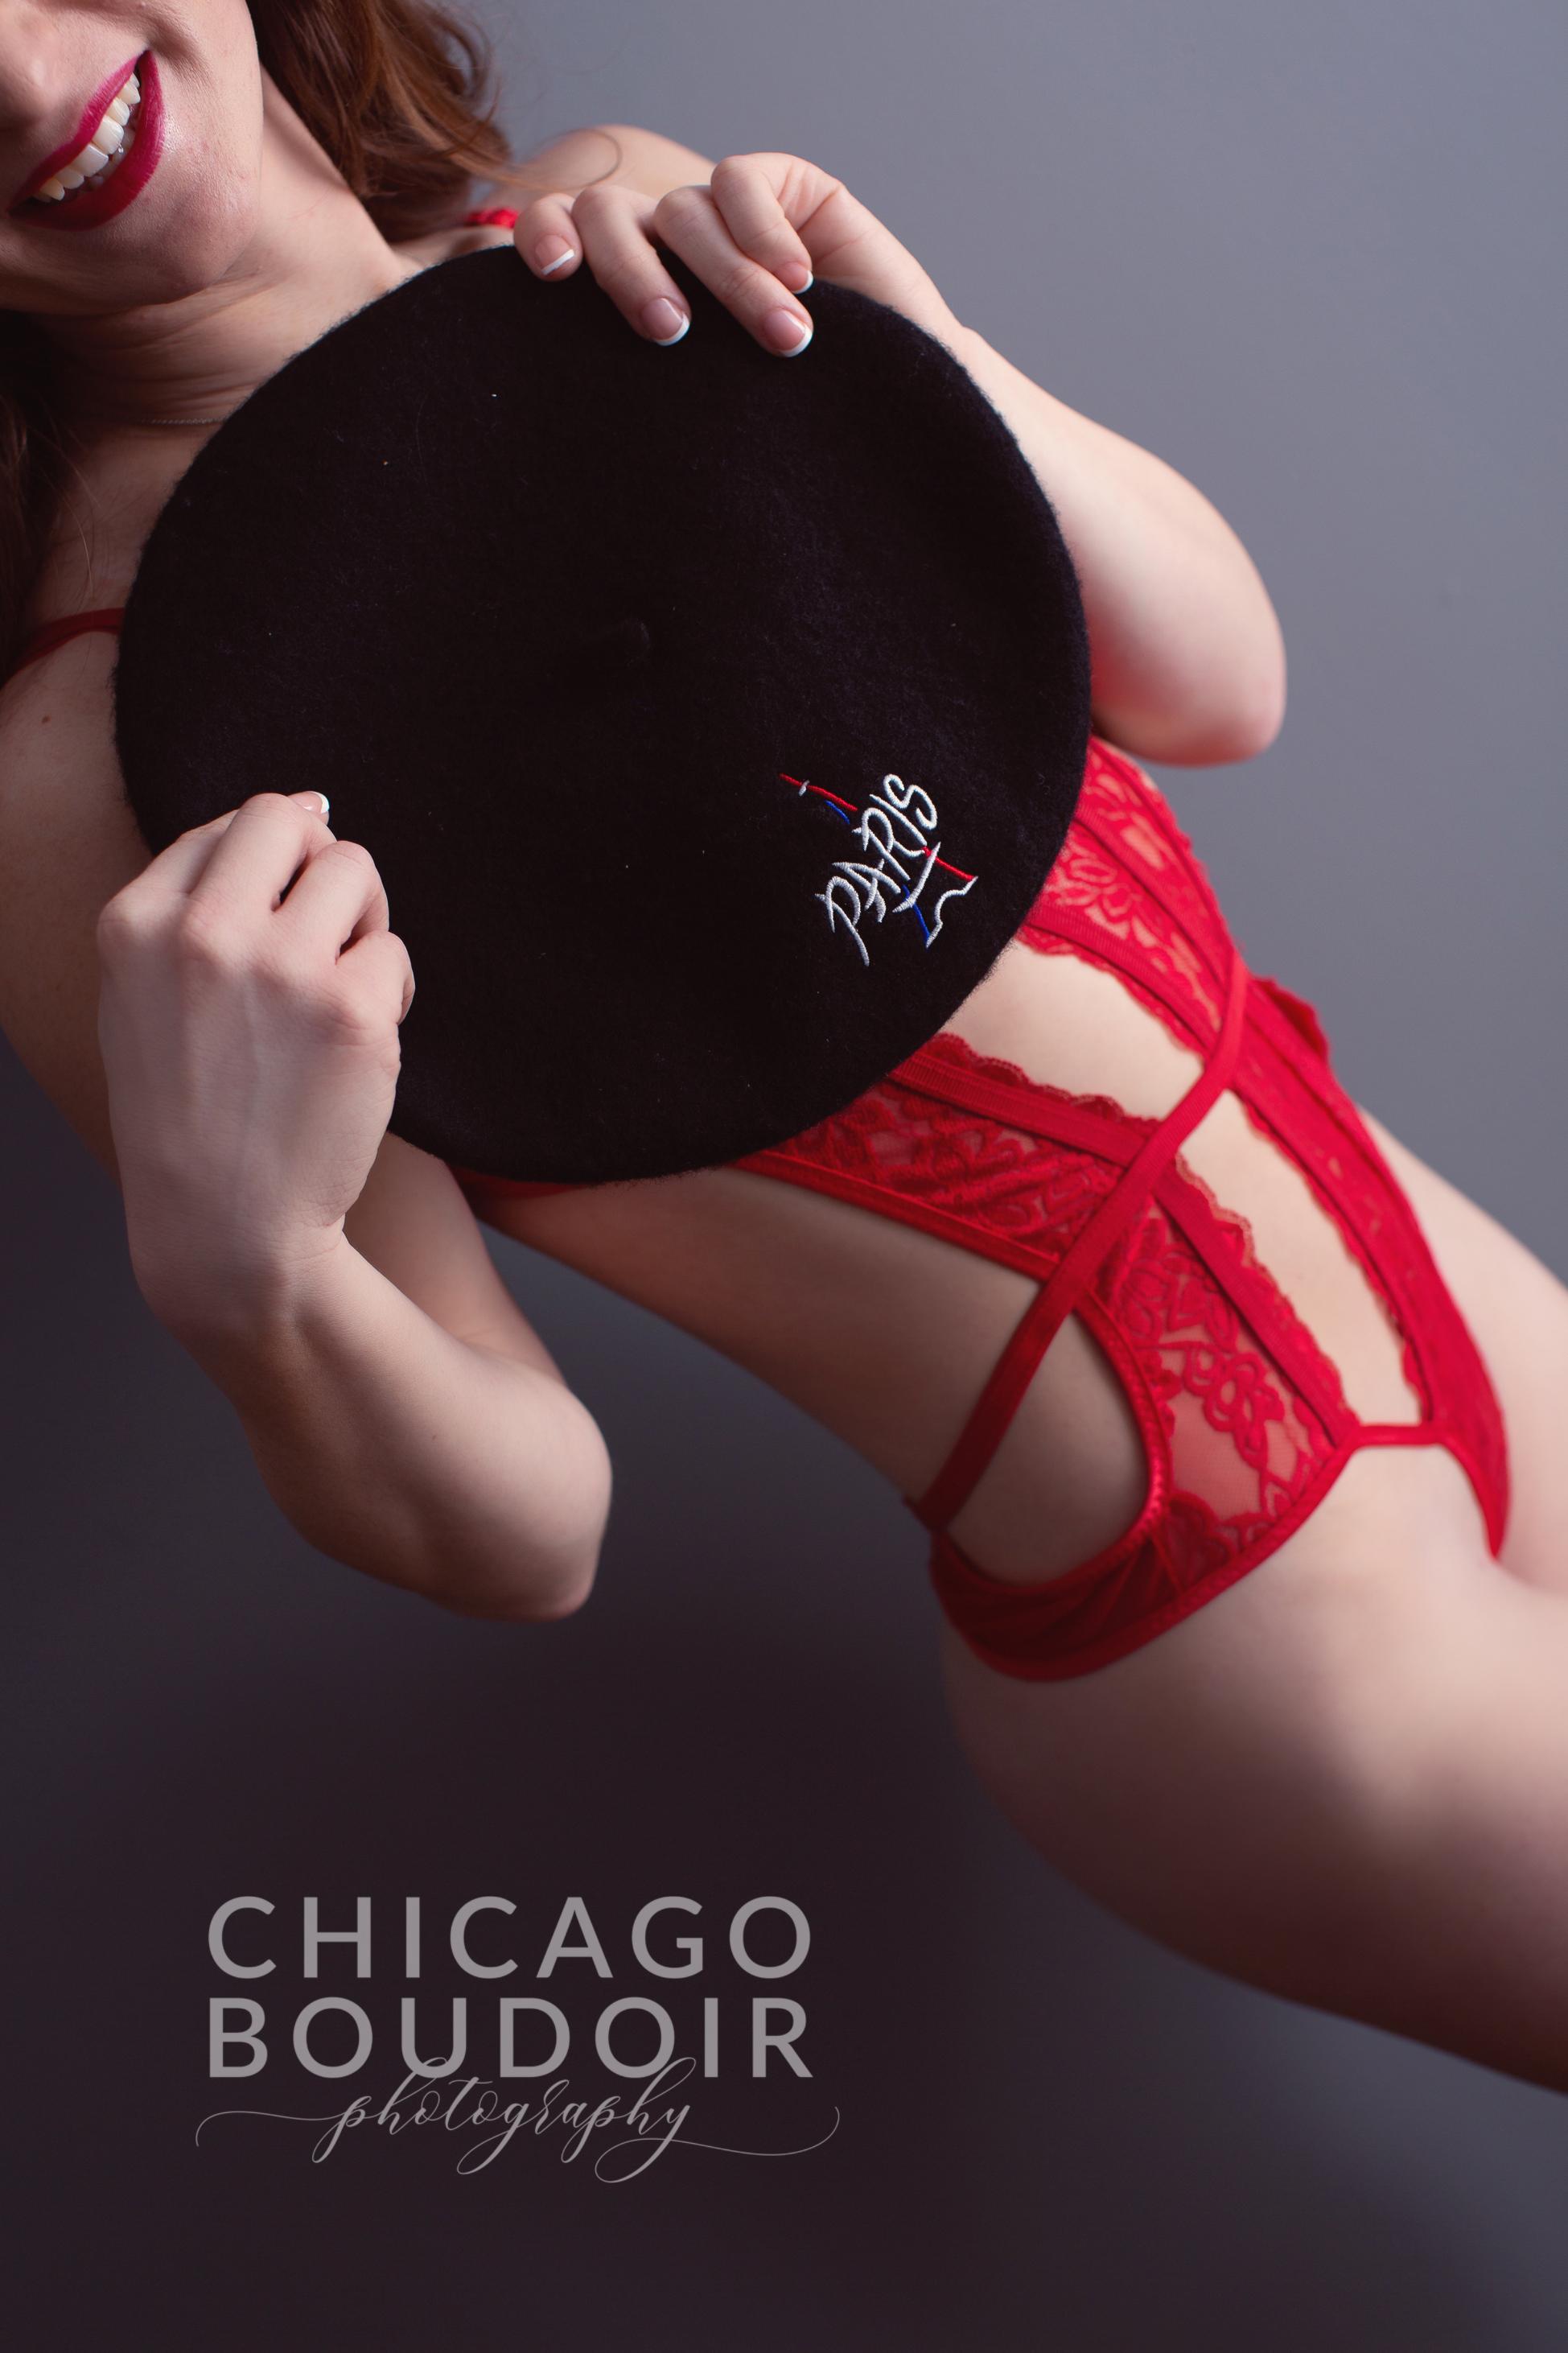 bouree hat paris souvenir chicago boudoir photography